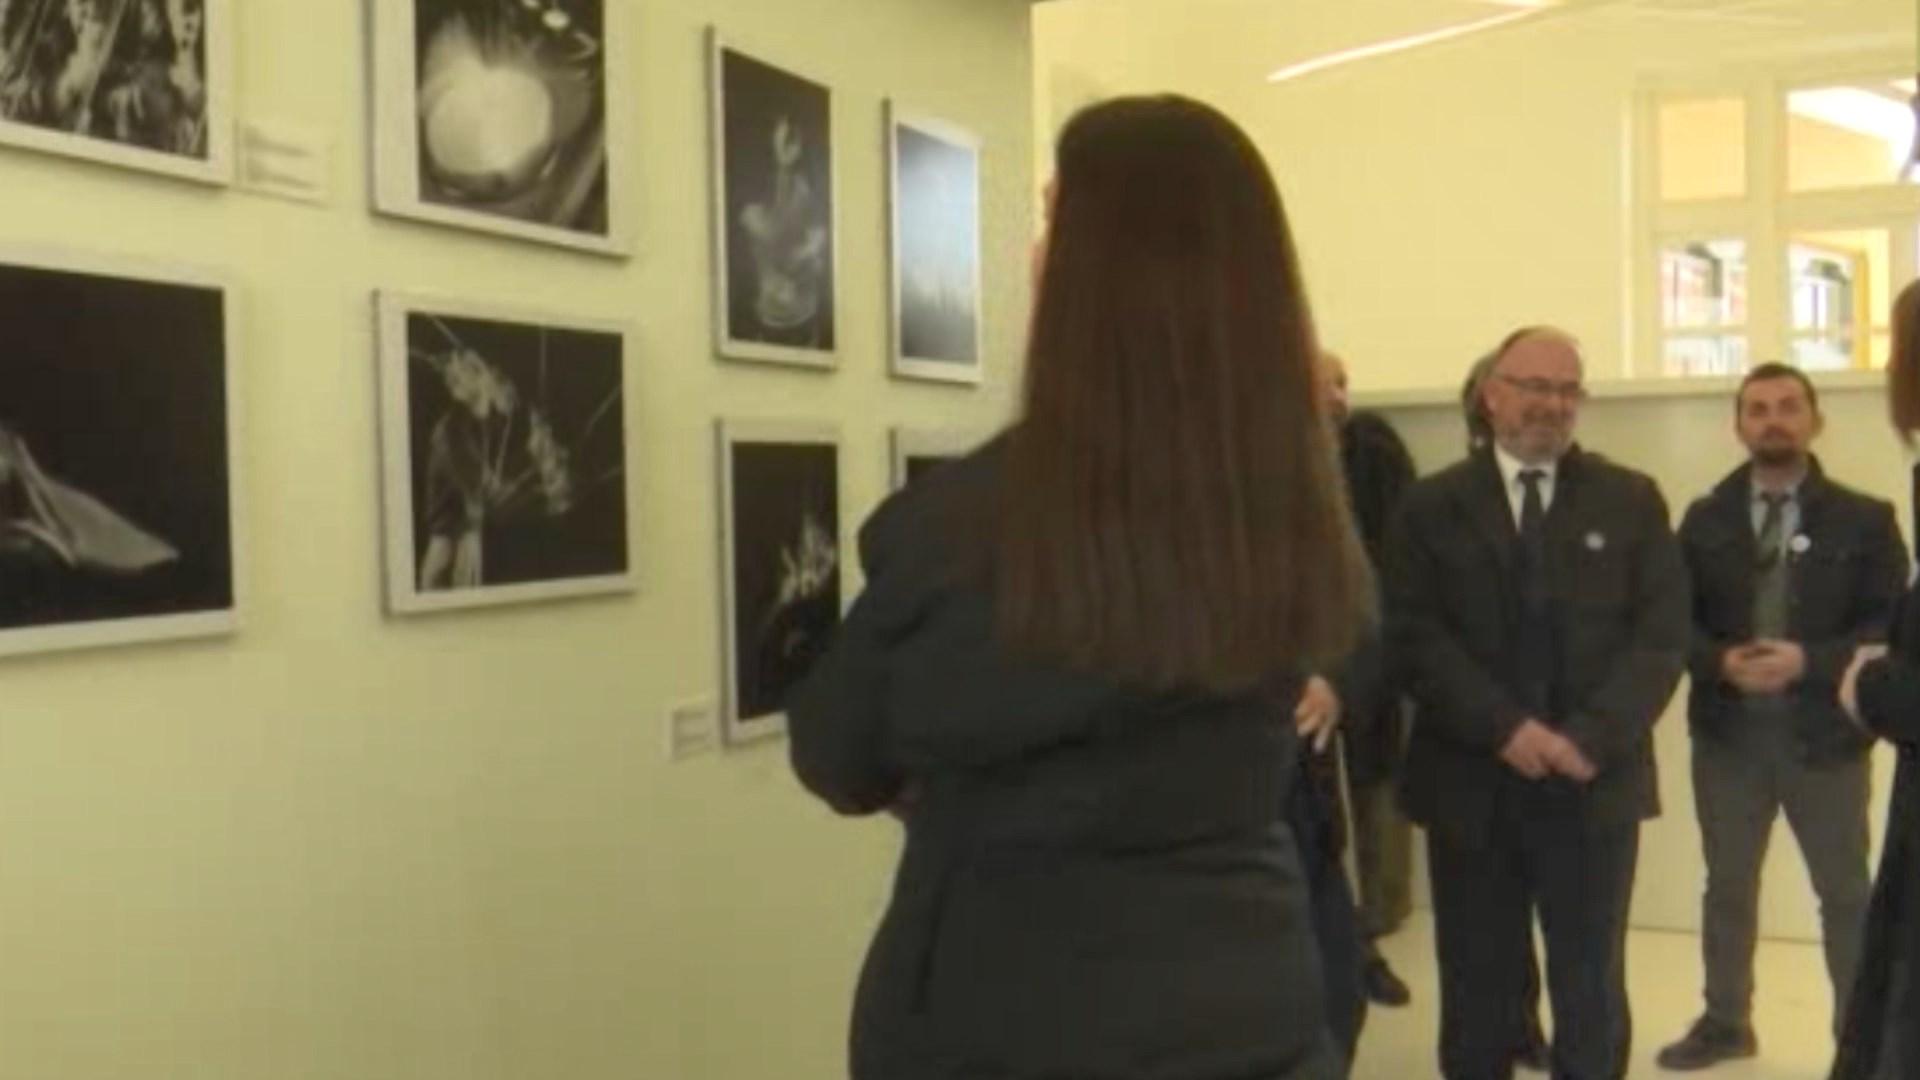 Korçë, një muze për fotografin e njohur Gjon Mili